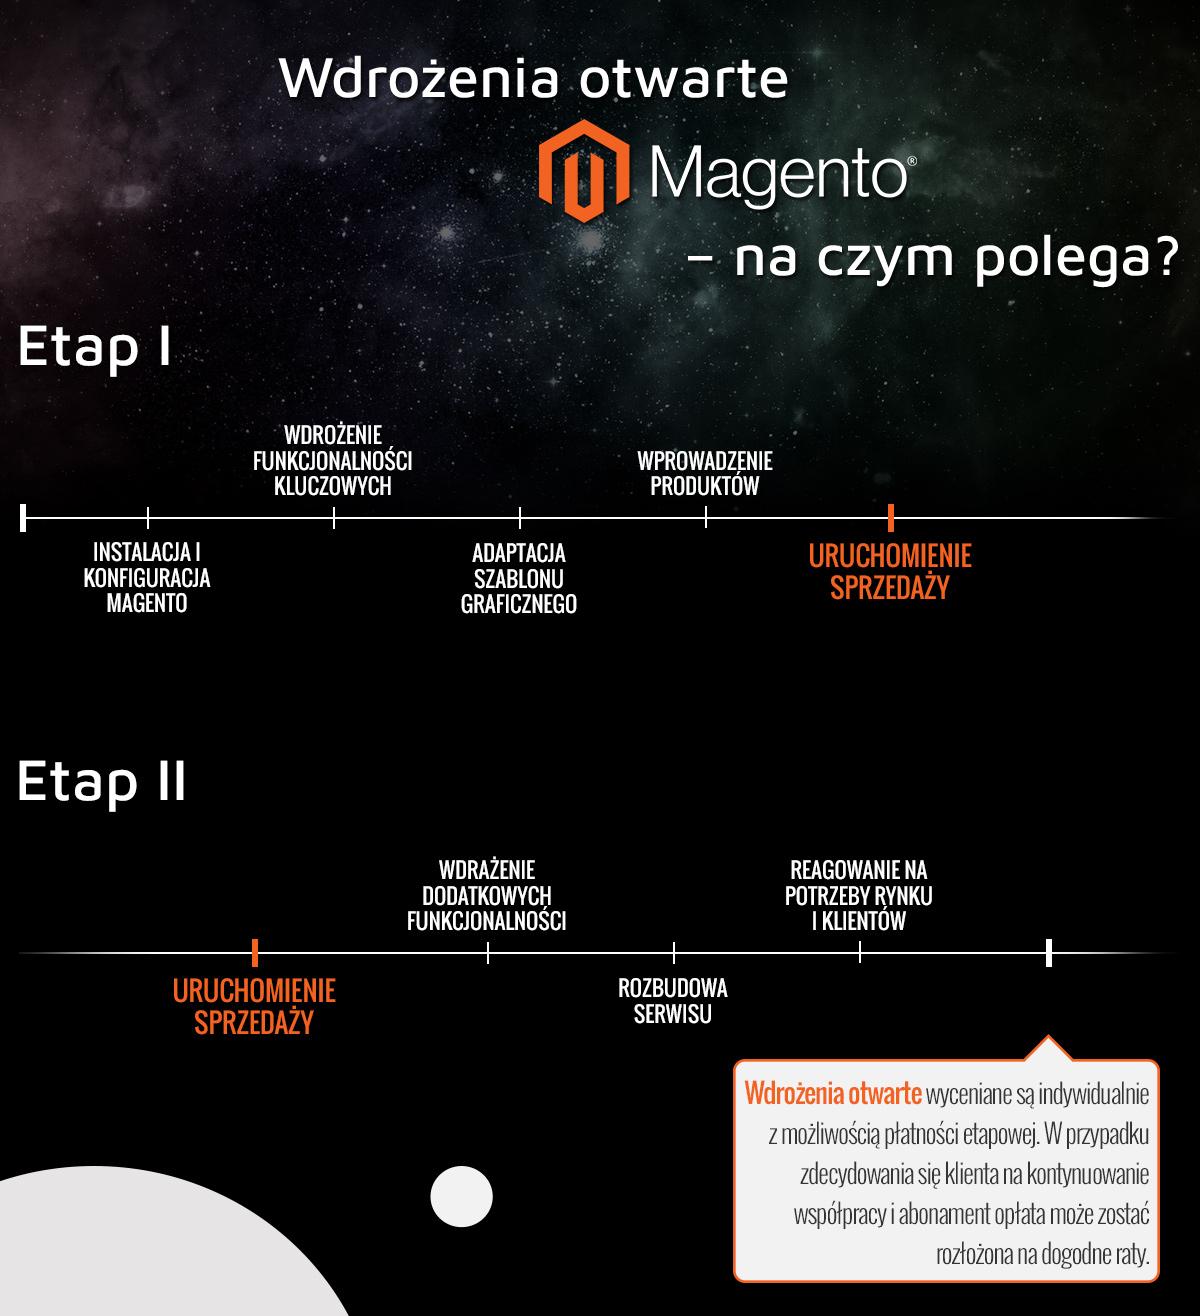 Wdrożenia Magento